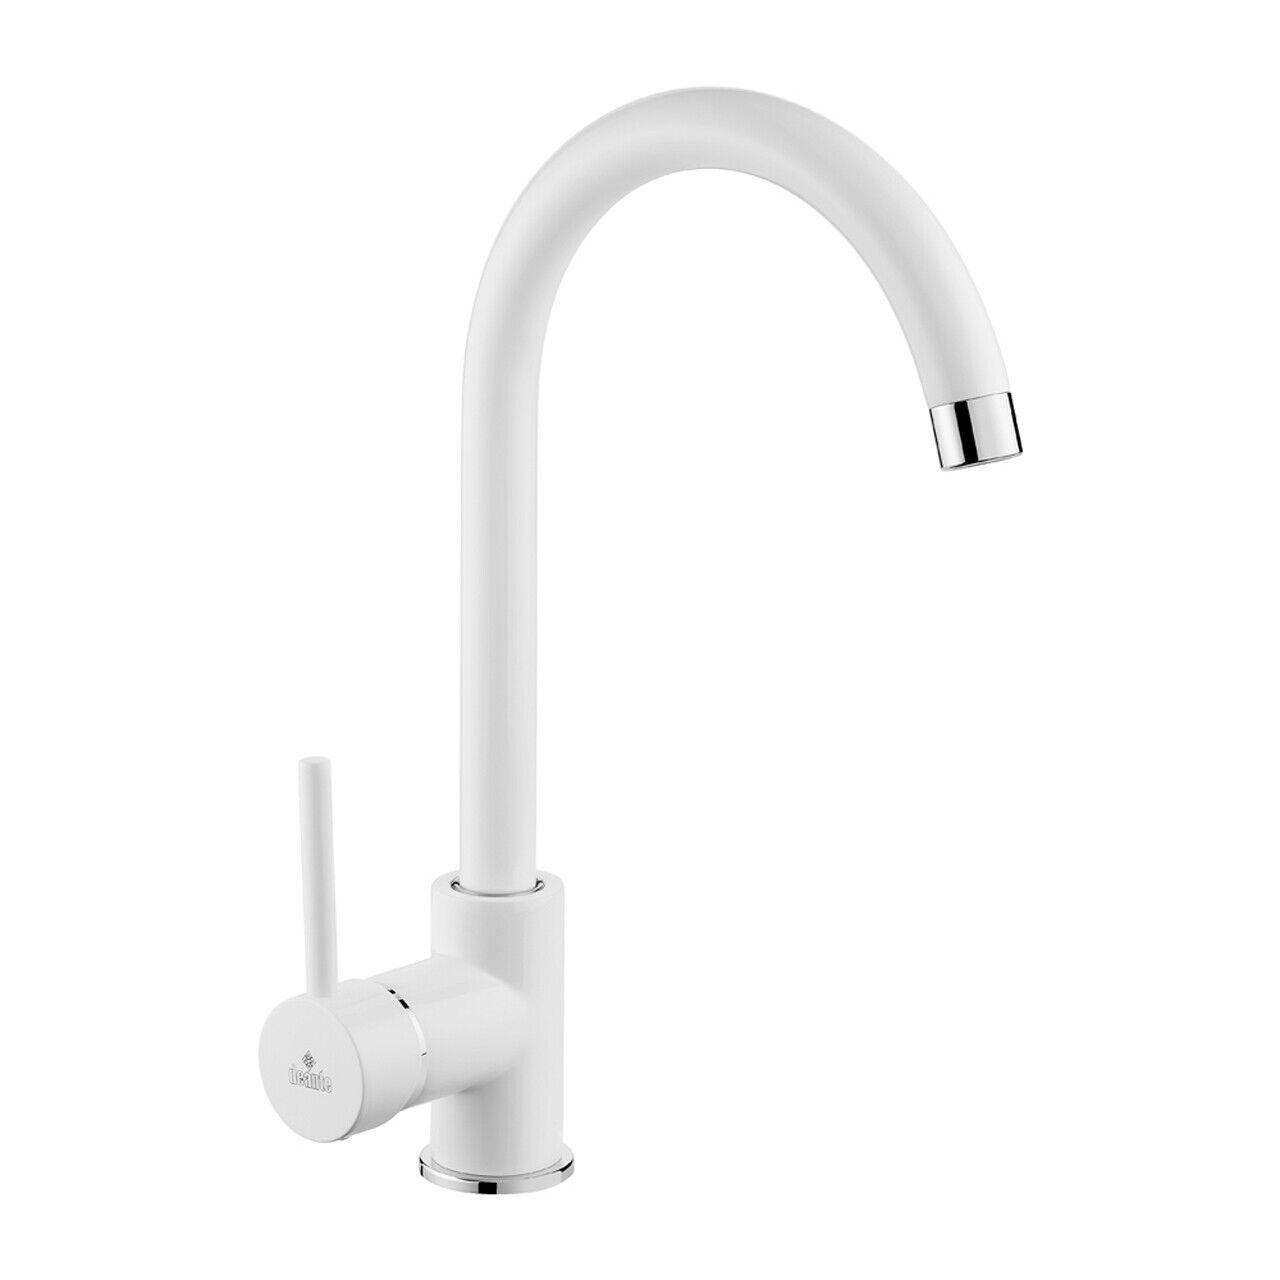 Weiße Einhandmischer Küchenarmatur Spültischarmatur Spülen Wasserhahn  MILIN  | Sonderkauf  | Neuer Eintrag  | Elegantes und robustes Menü  | Ausgezeichnet (in) Qualität